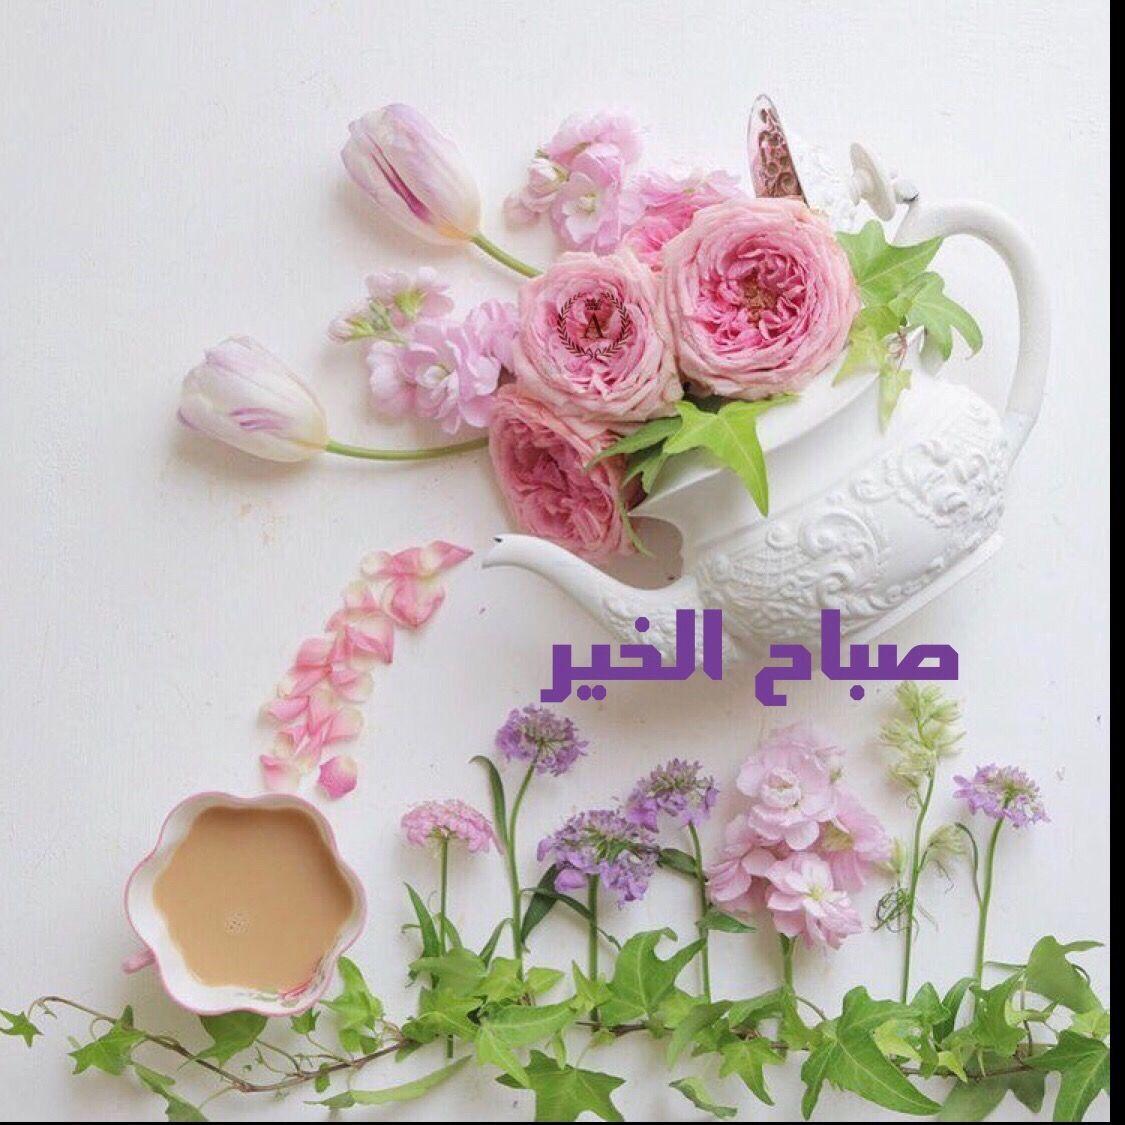 بالصور خلفيات صباحيه , صور و رمزيات صباحيه 3937 11